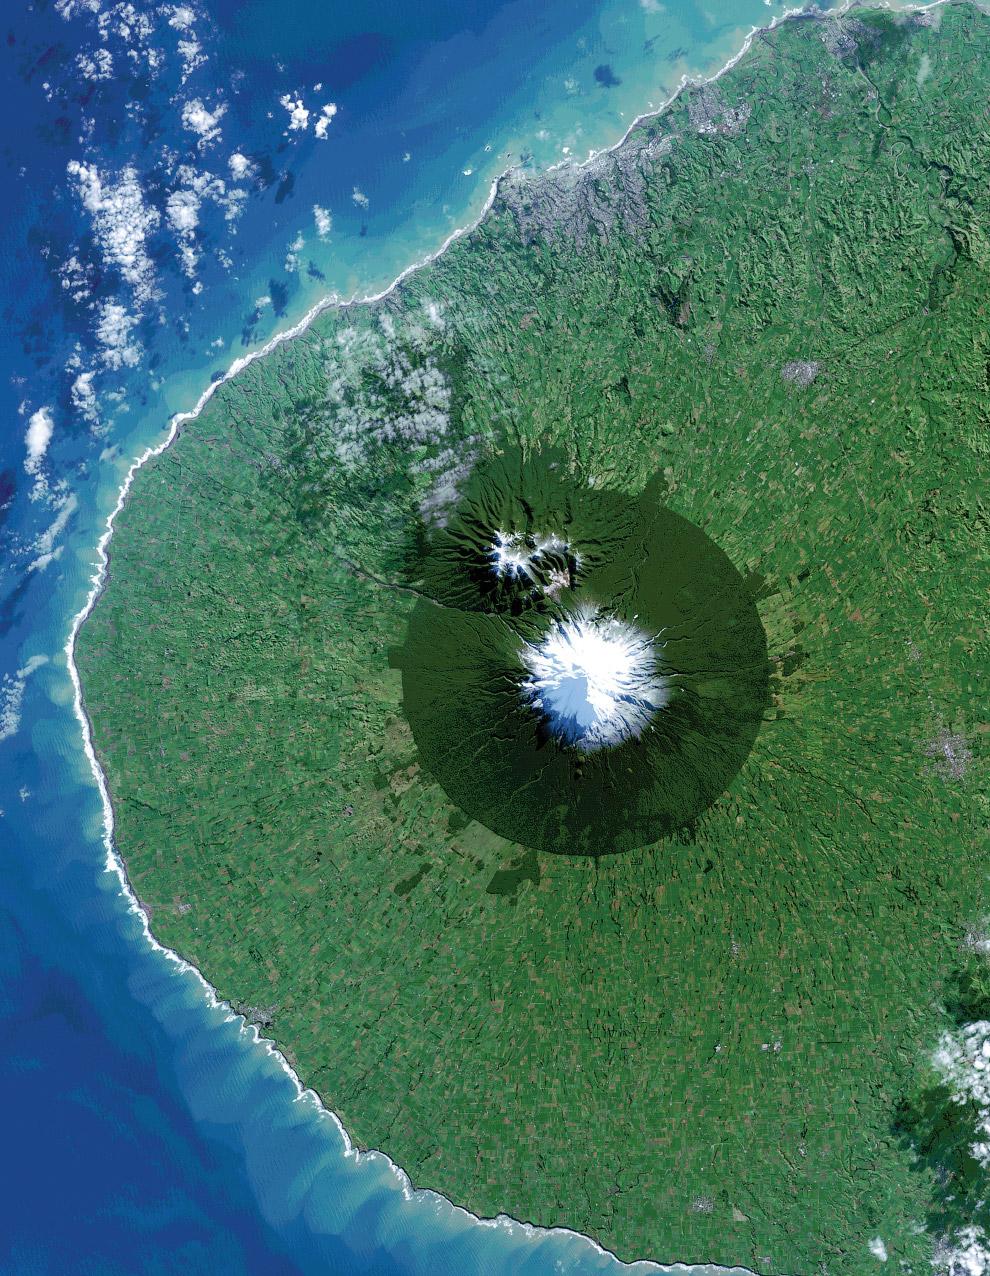 Национальный парк Эгмонт в Новой Зеландии